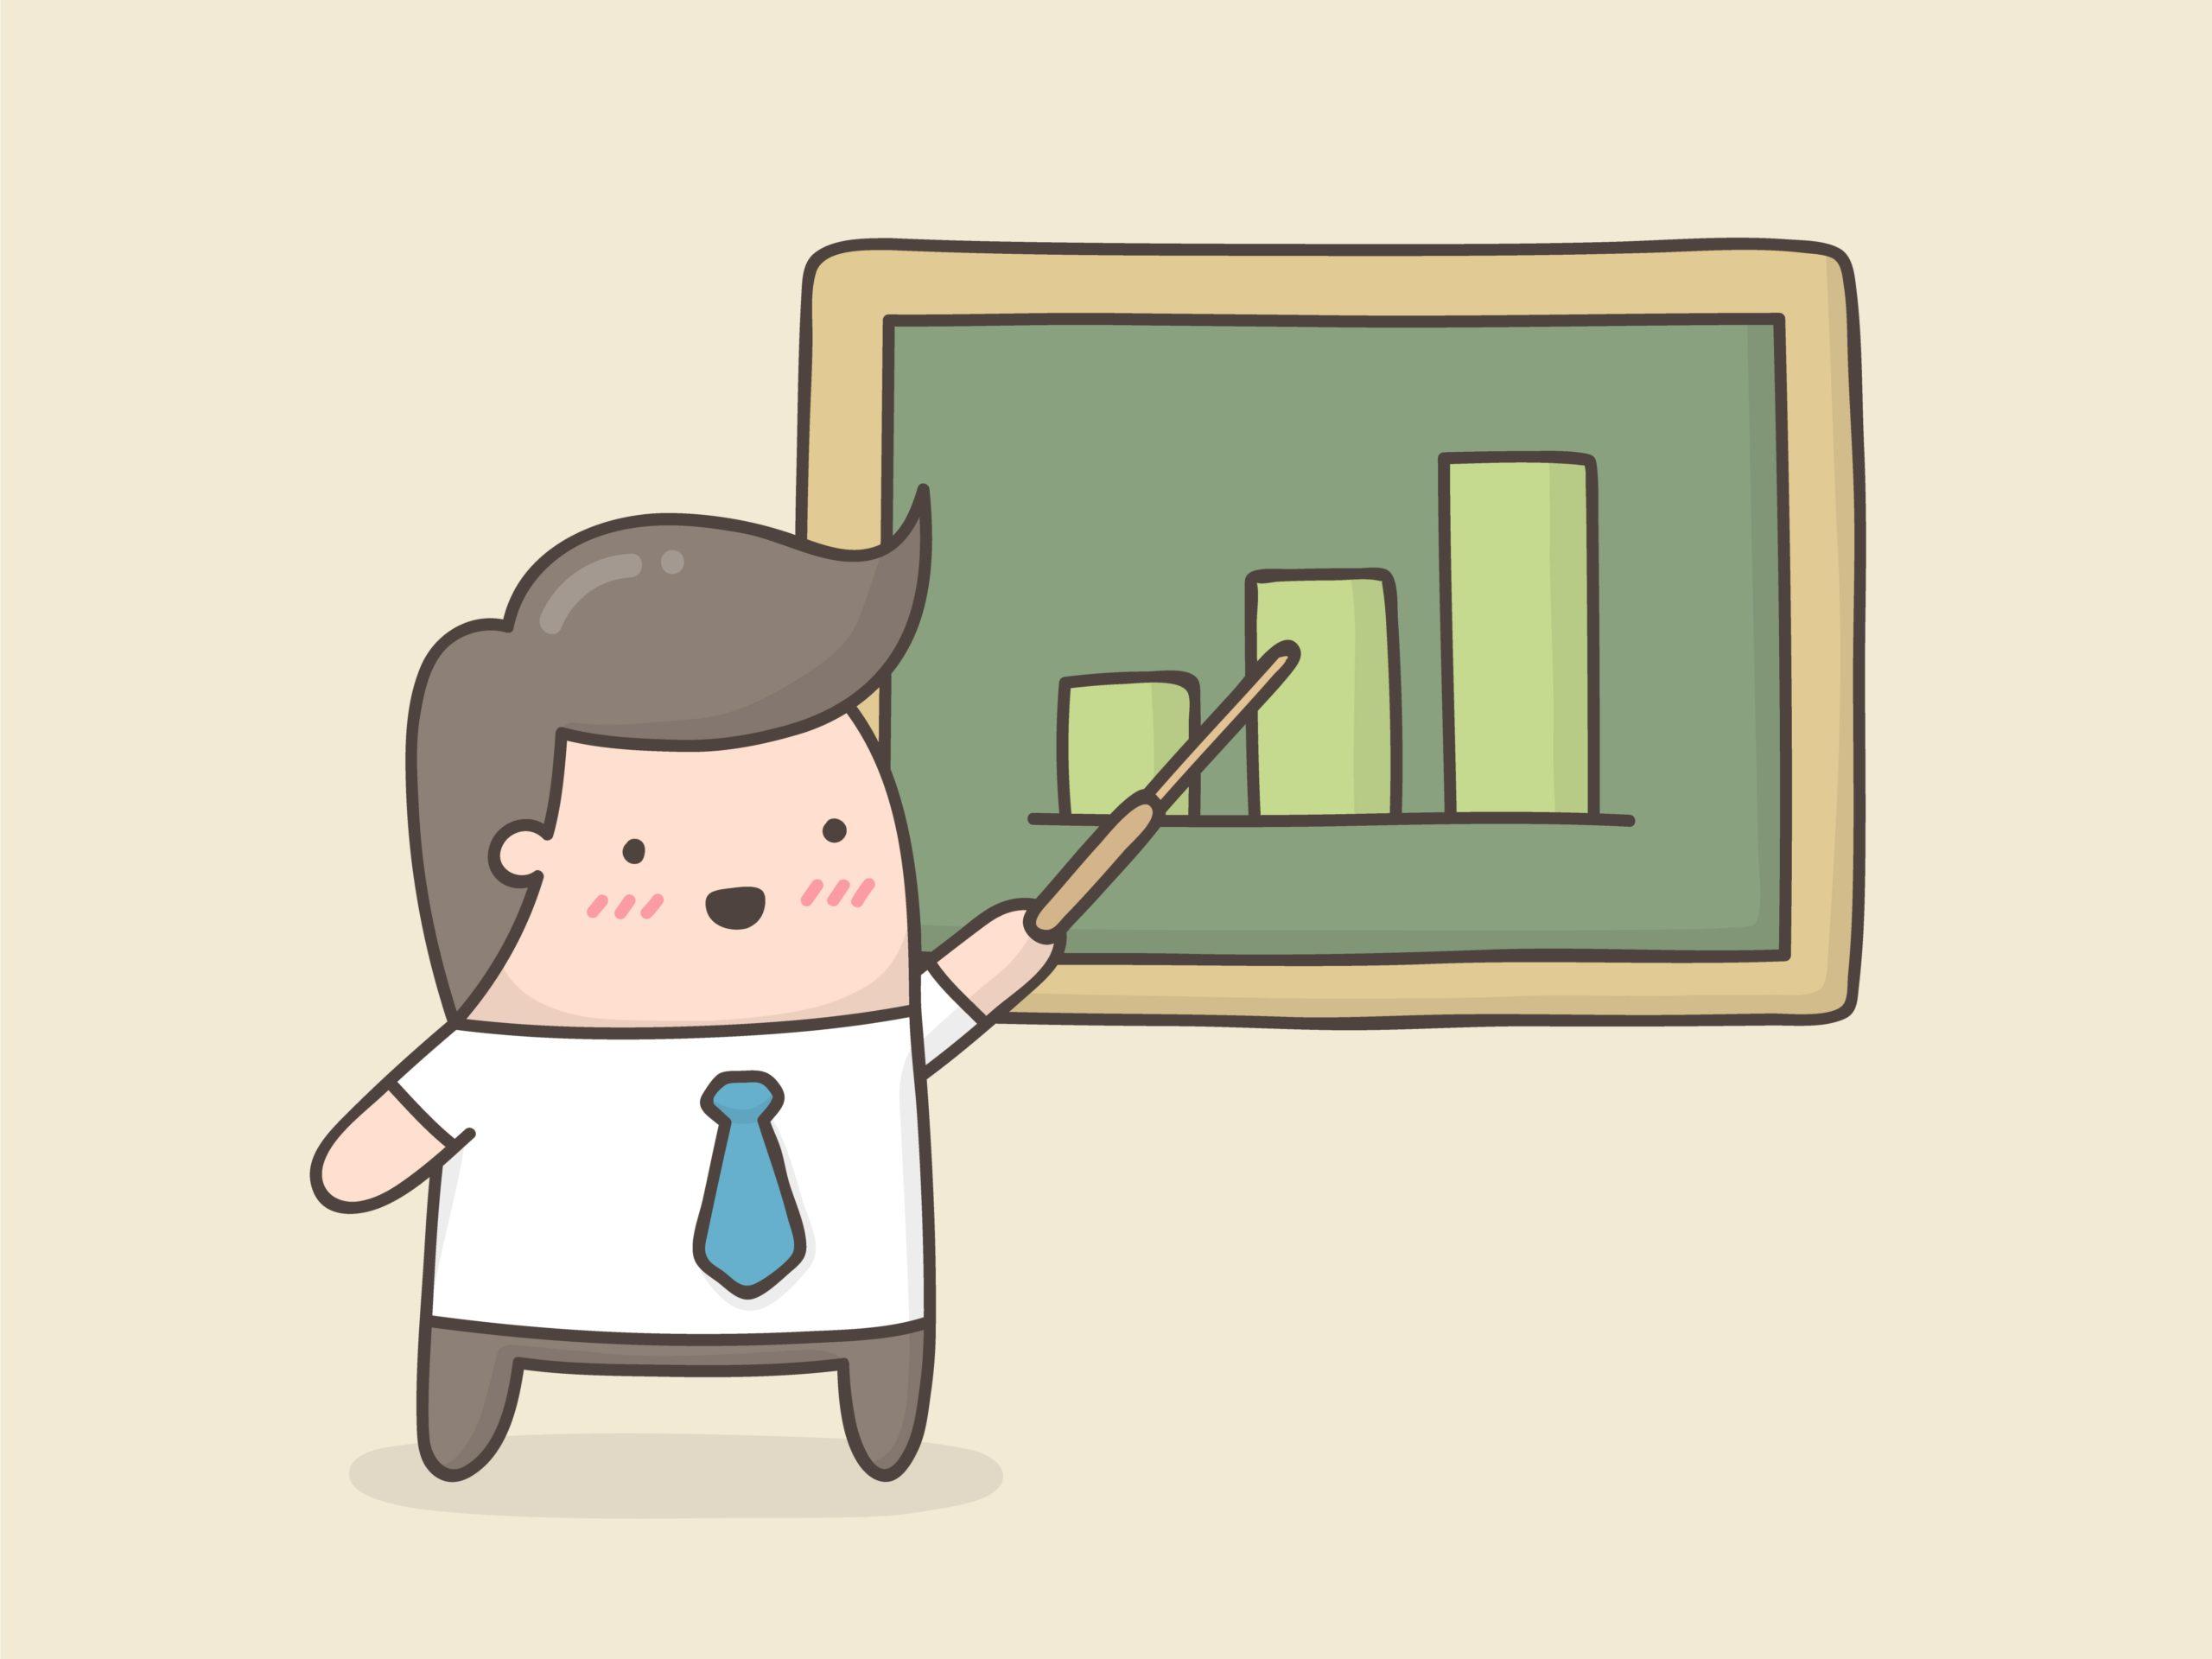 公認会計士の勉強時間集計の「前提条件」